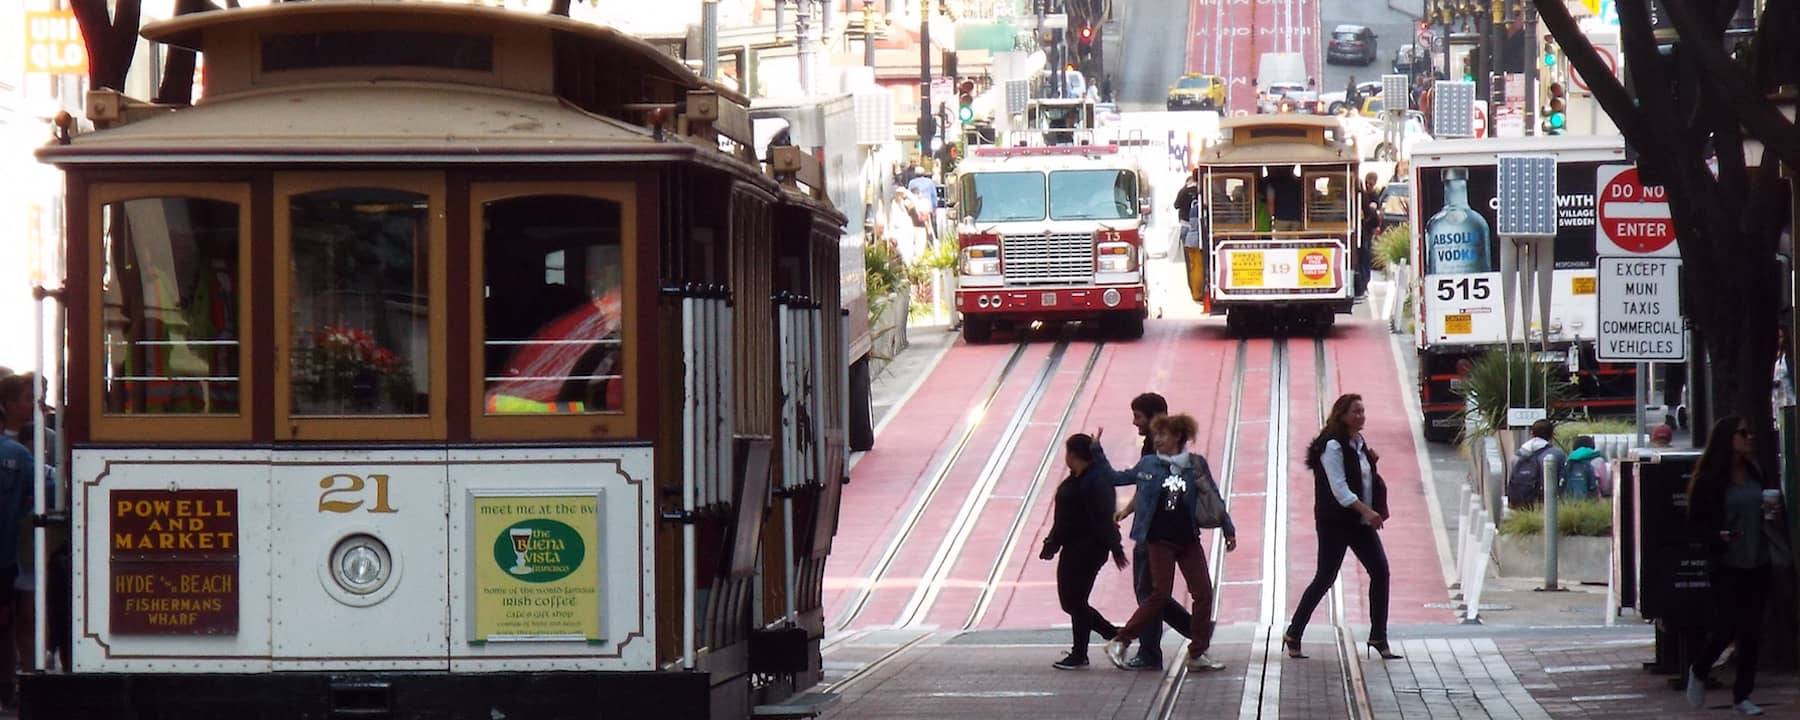 San Francisco, hills and lots of walking